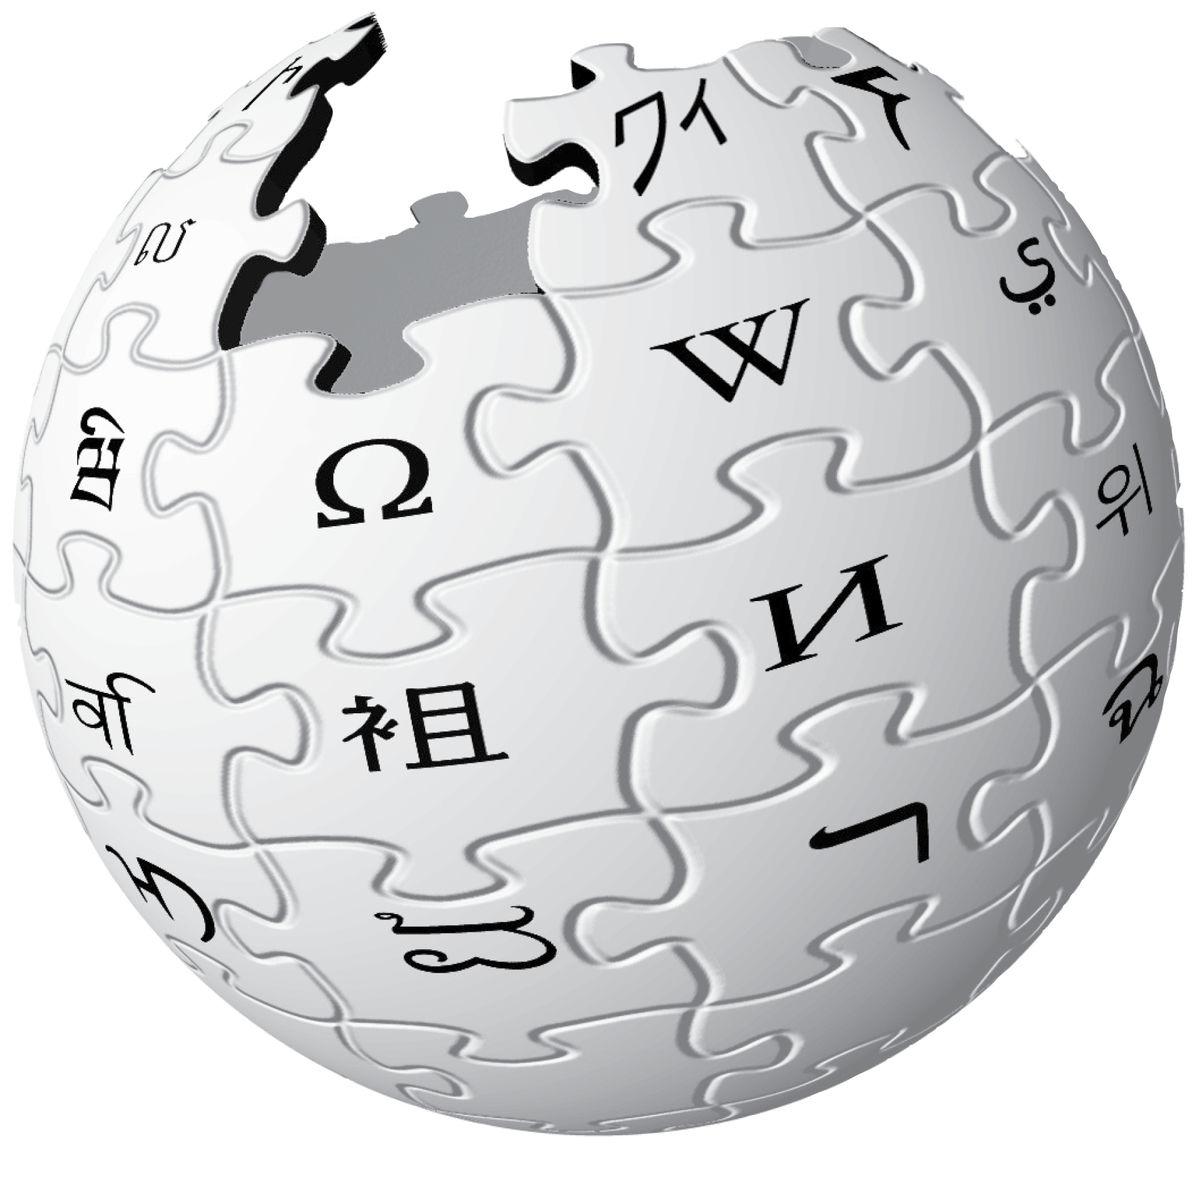 رکورد۸۰۰هزار مقاله فارسی در ویکی پدیا